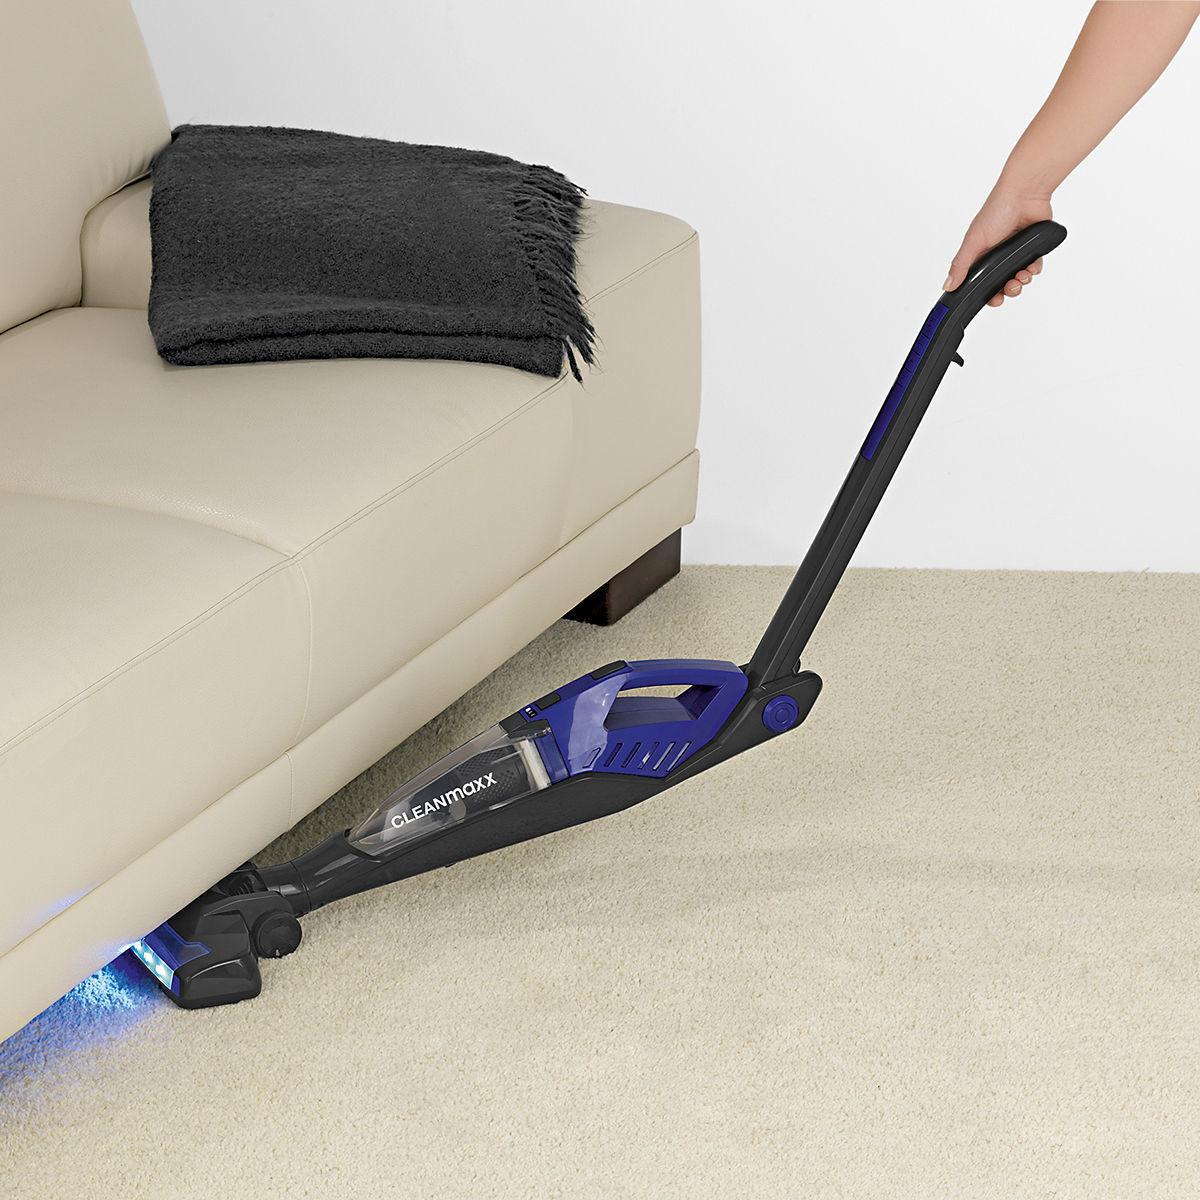 cleanmaxx akku handstaubsauger 2in1 pro schwarz blau von karstadt ansehen. Black Bedroom Furniture Sets. Home Design Ideas